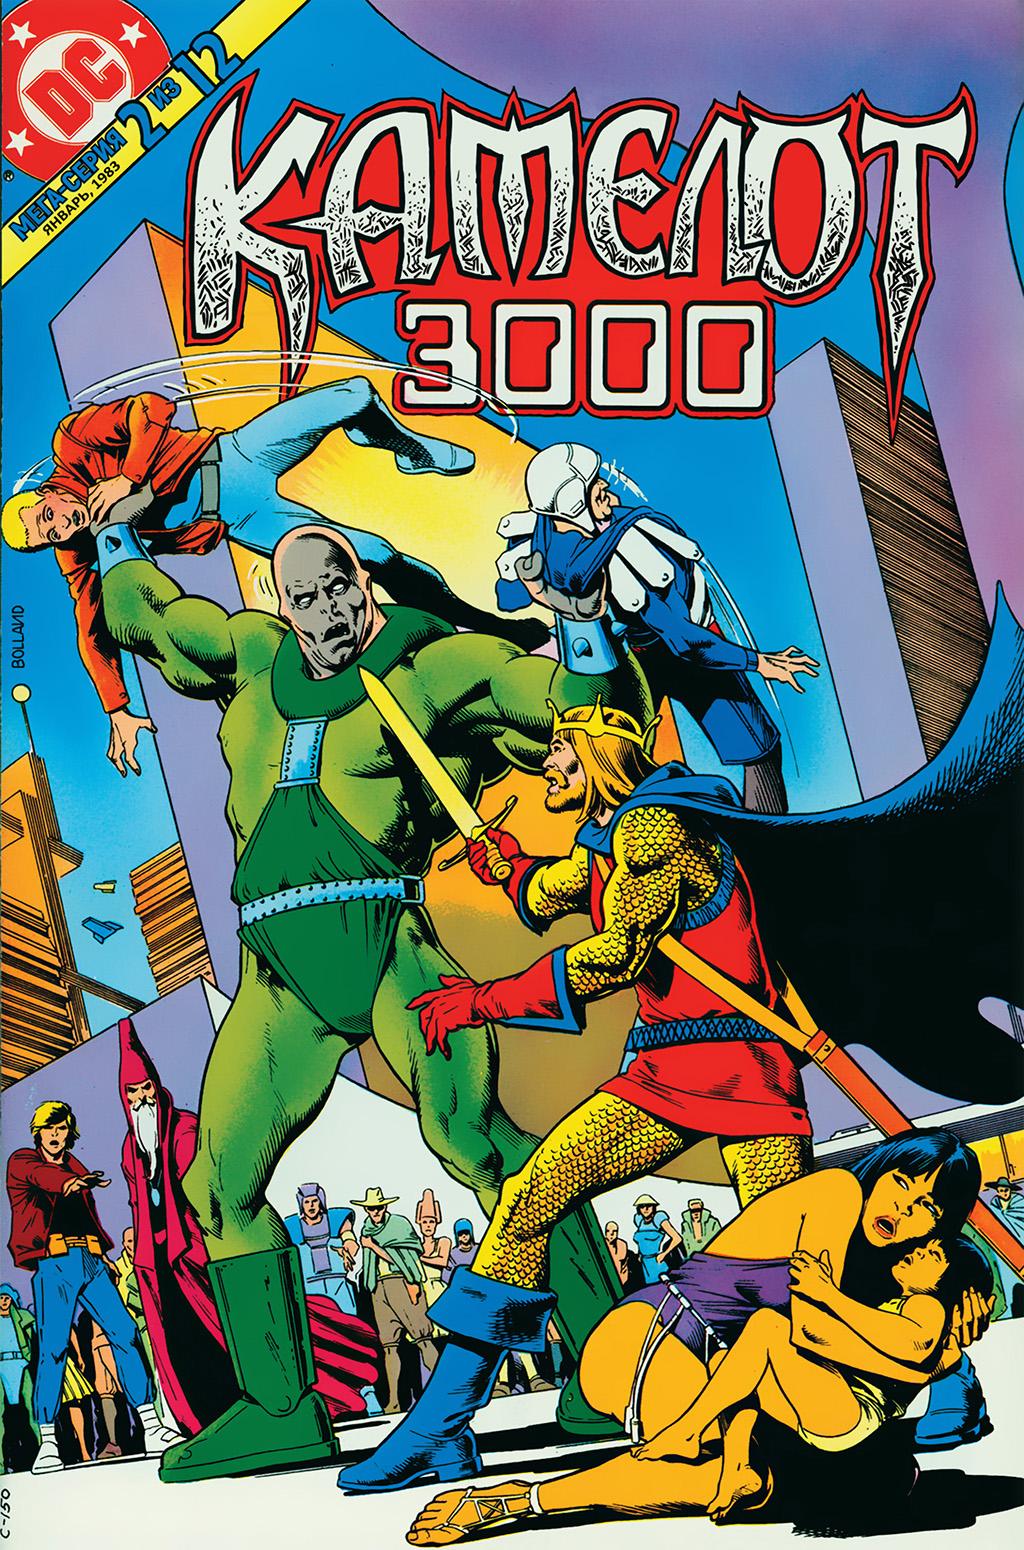 комикс Камелот 3000